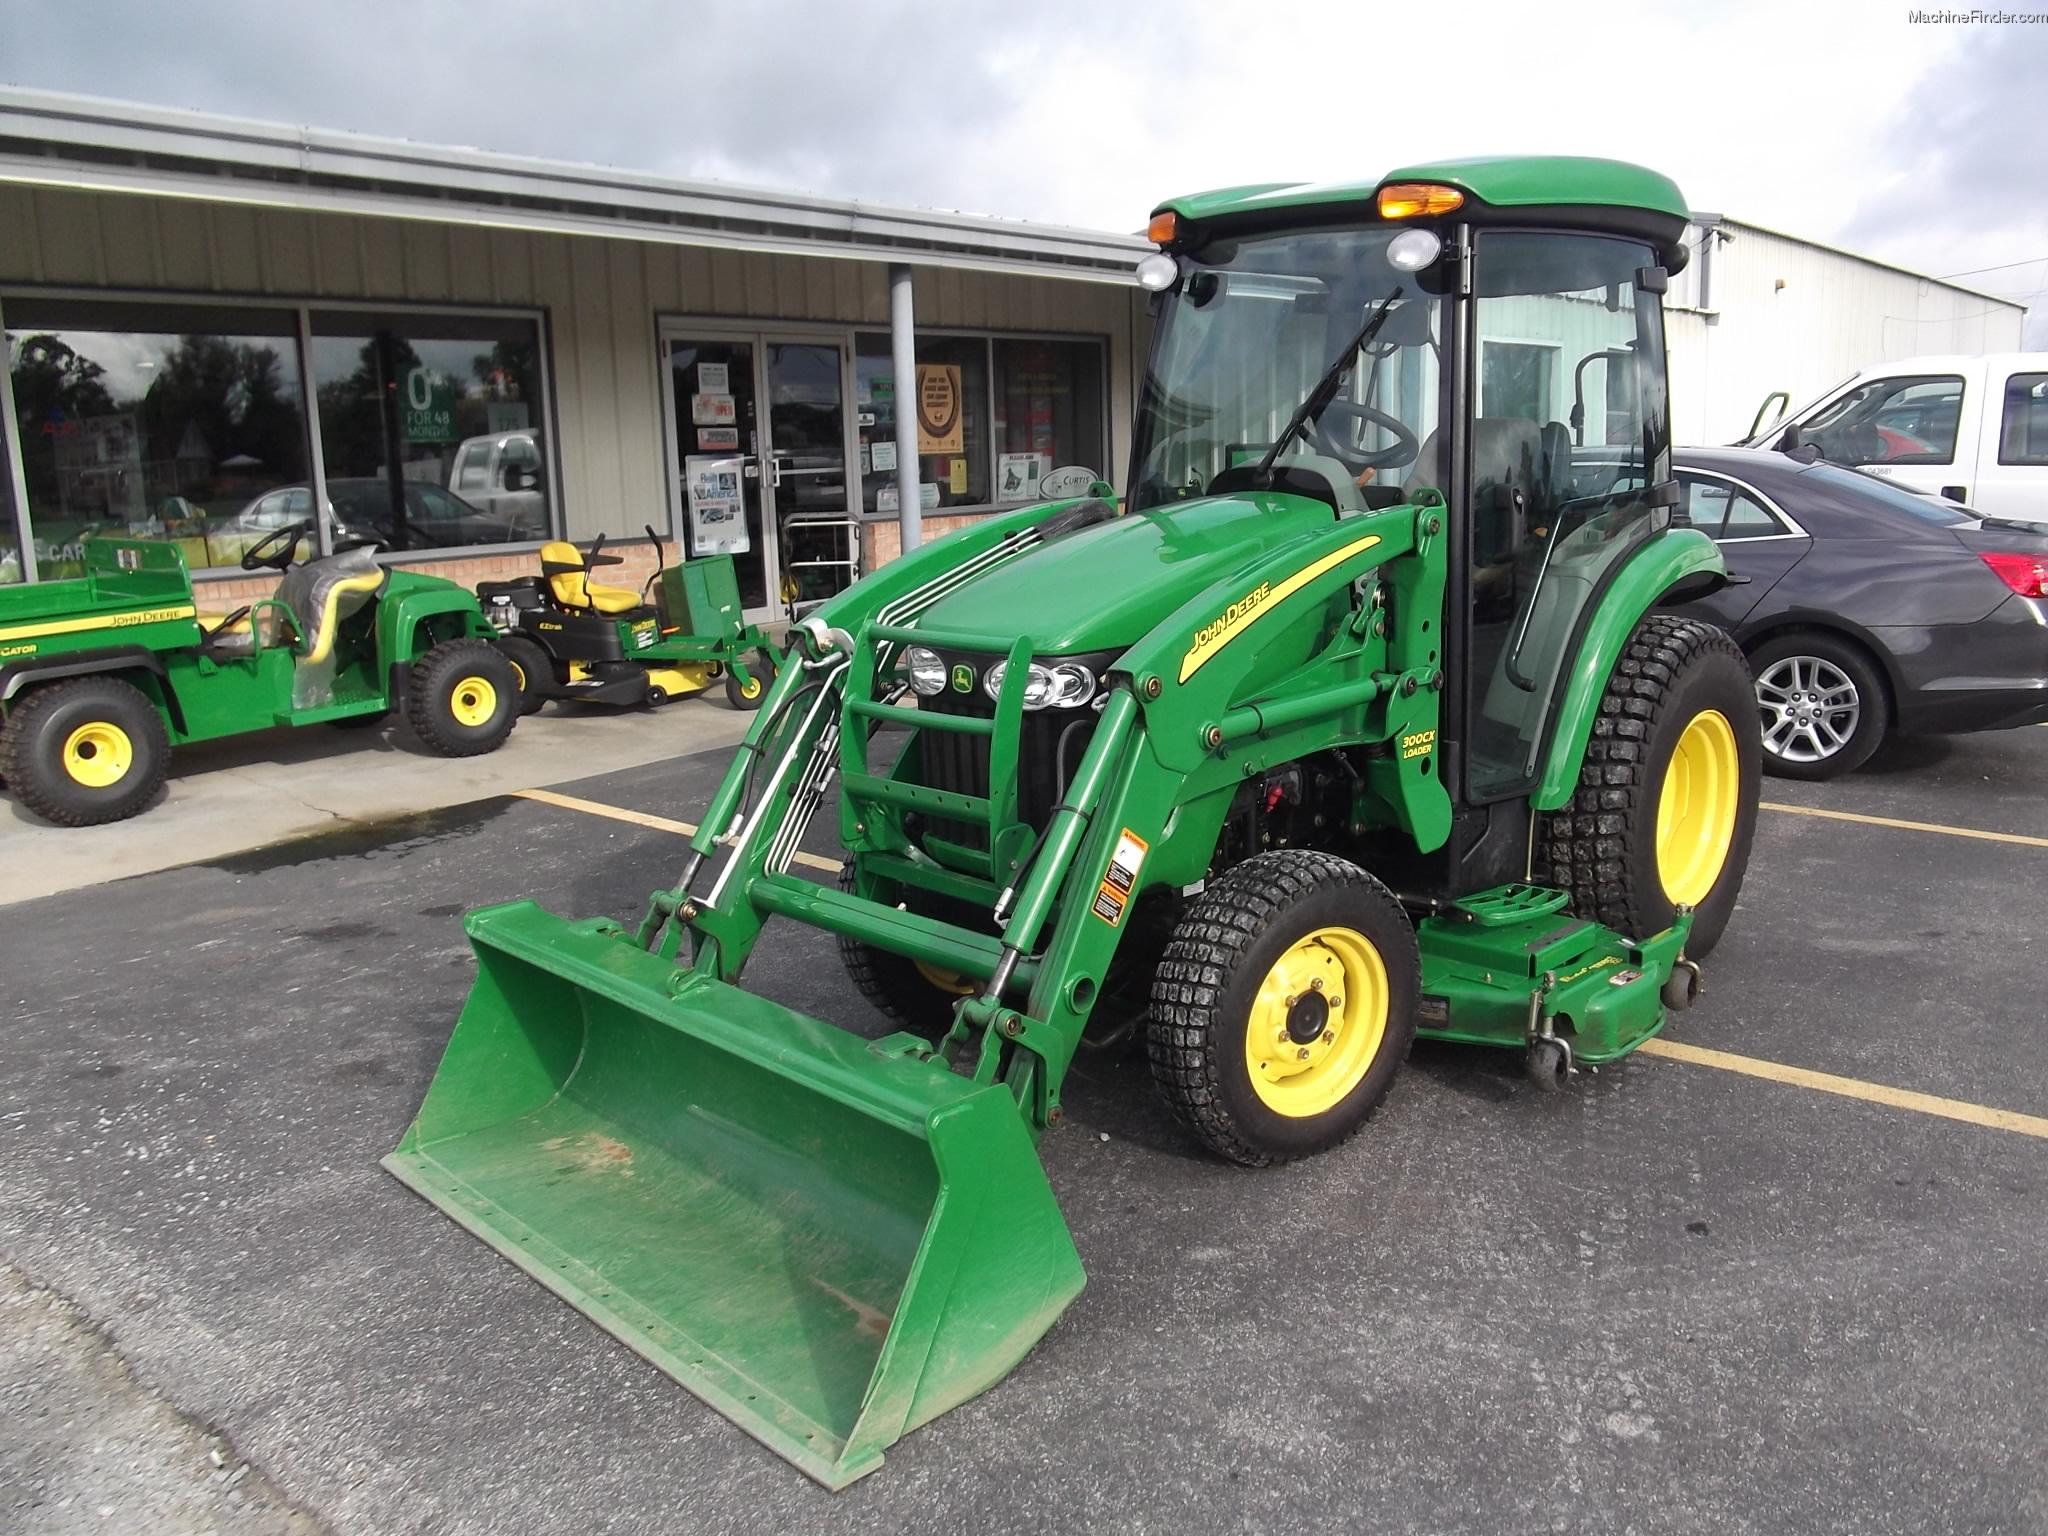 2009 John Deere 3720 Tractors - Compact (1-40hp.)